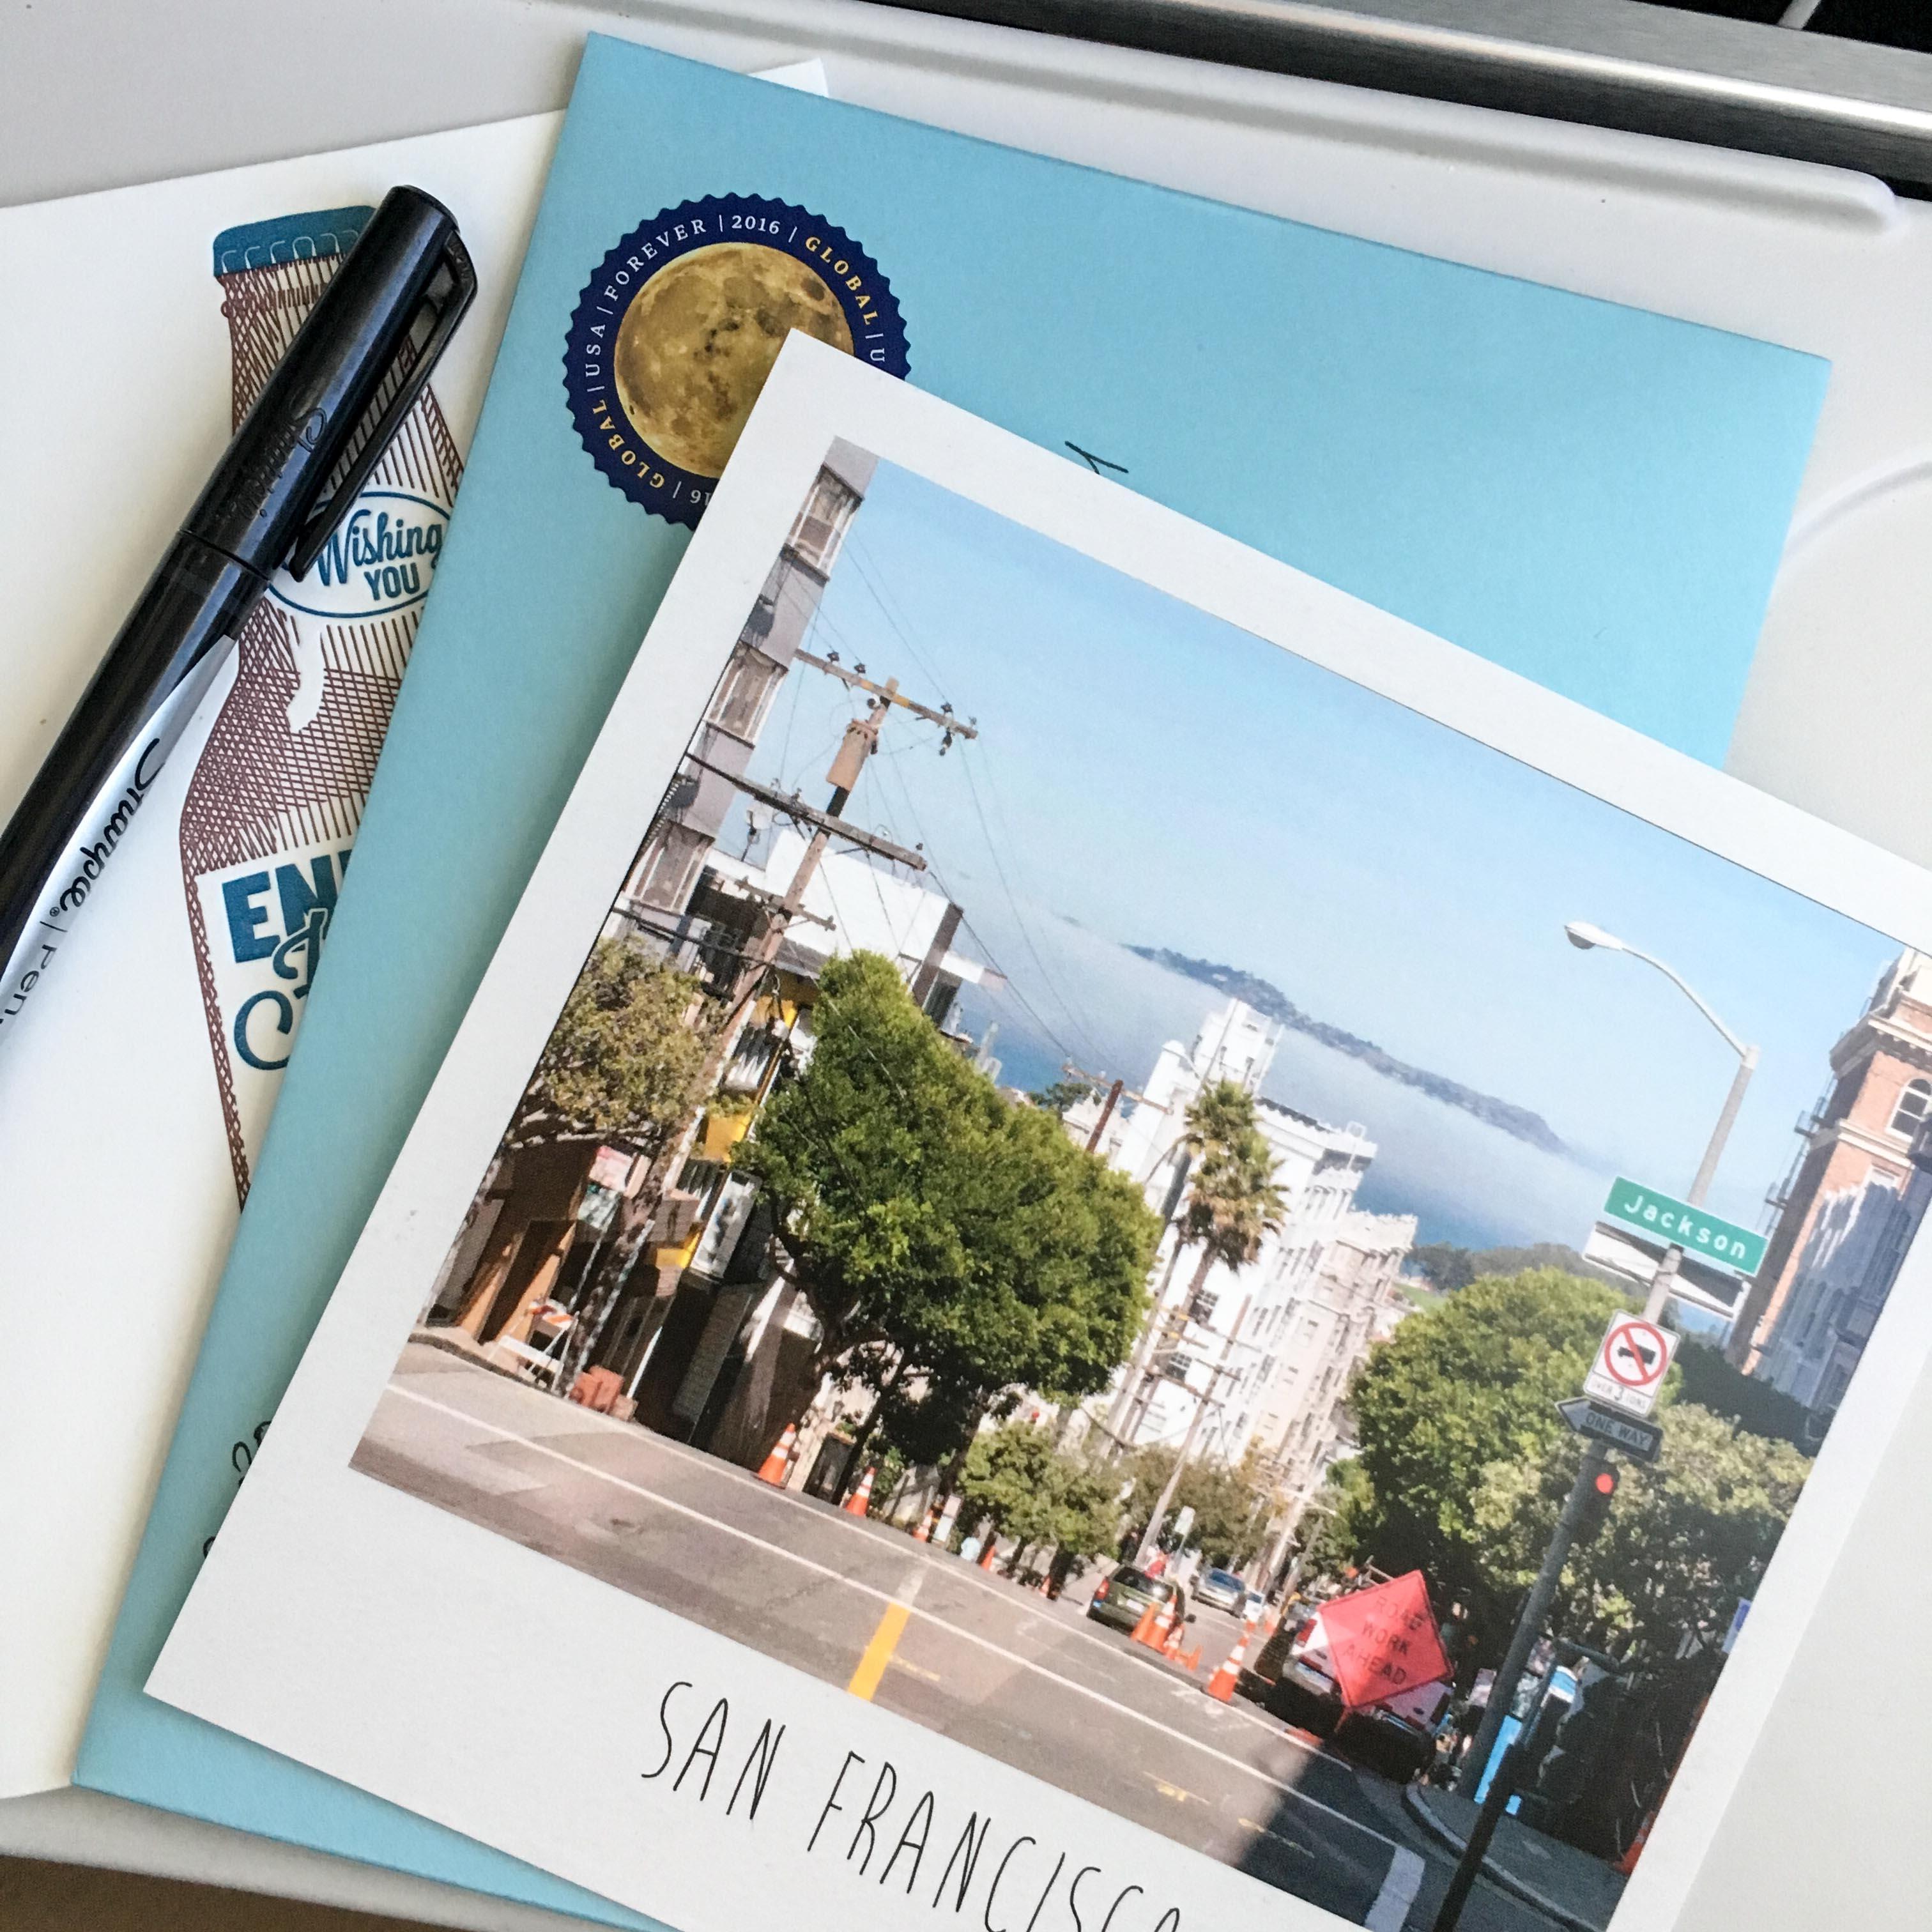 Ich habe den Flug von Portland nach San Francisco genutzt, um einige Karten zu schreiben. Vermutlich werden diese niemals bei den Empfängern ankommen, da sie Dank des Postbeamten in Oregon unterfrankiert sind. Grummel!